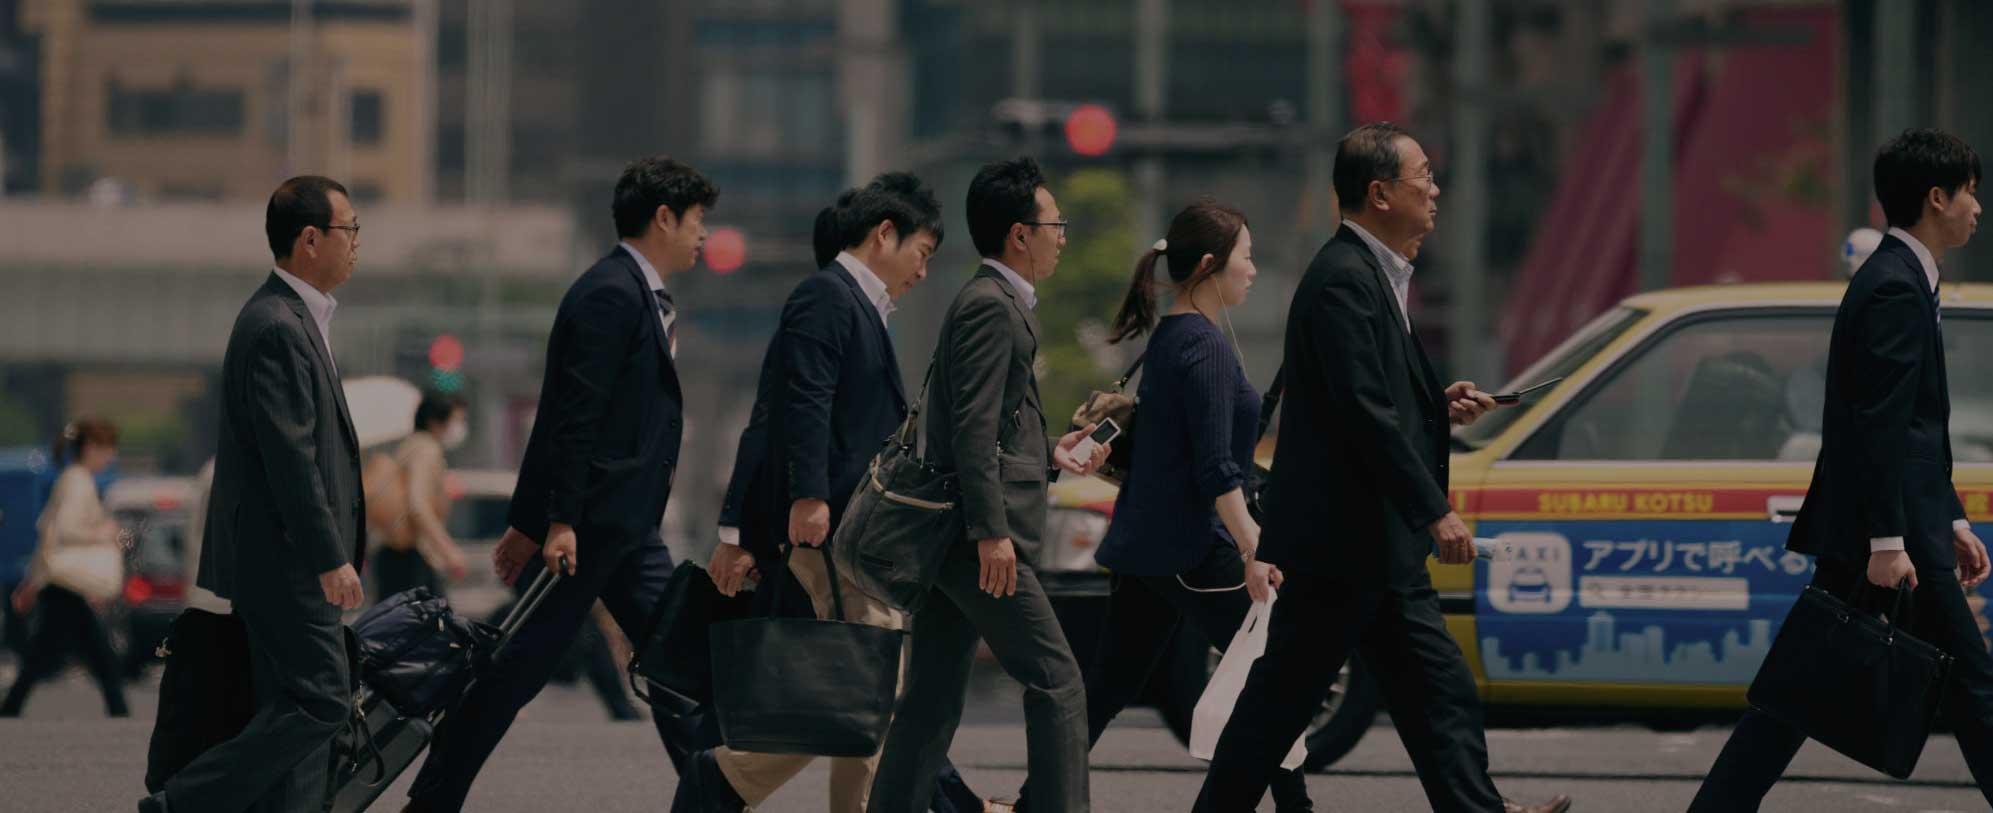 Япония дает разрешение на подработку иностранцам